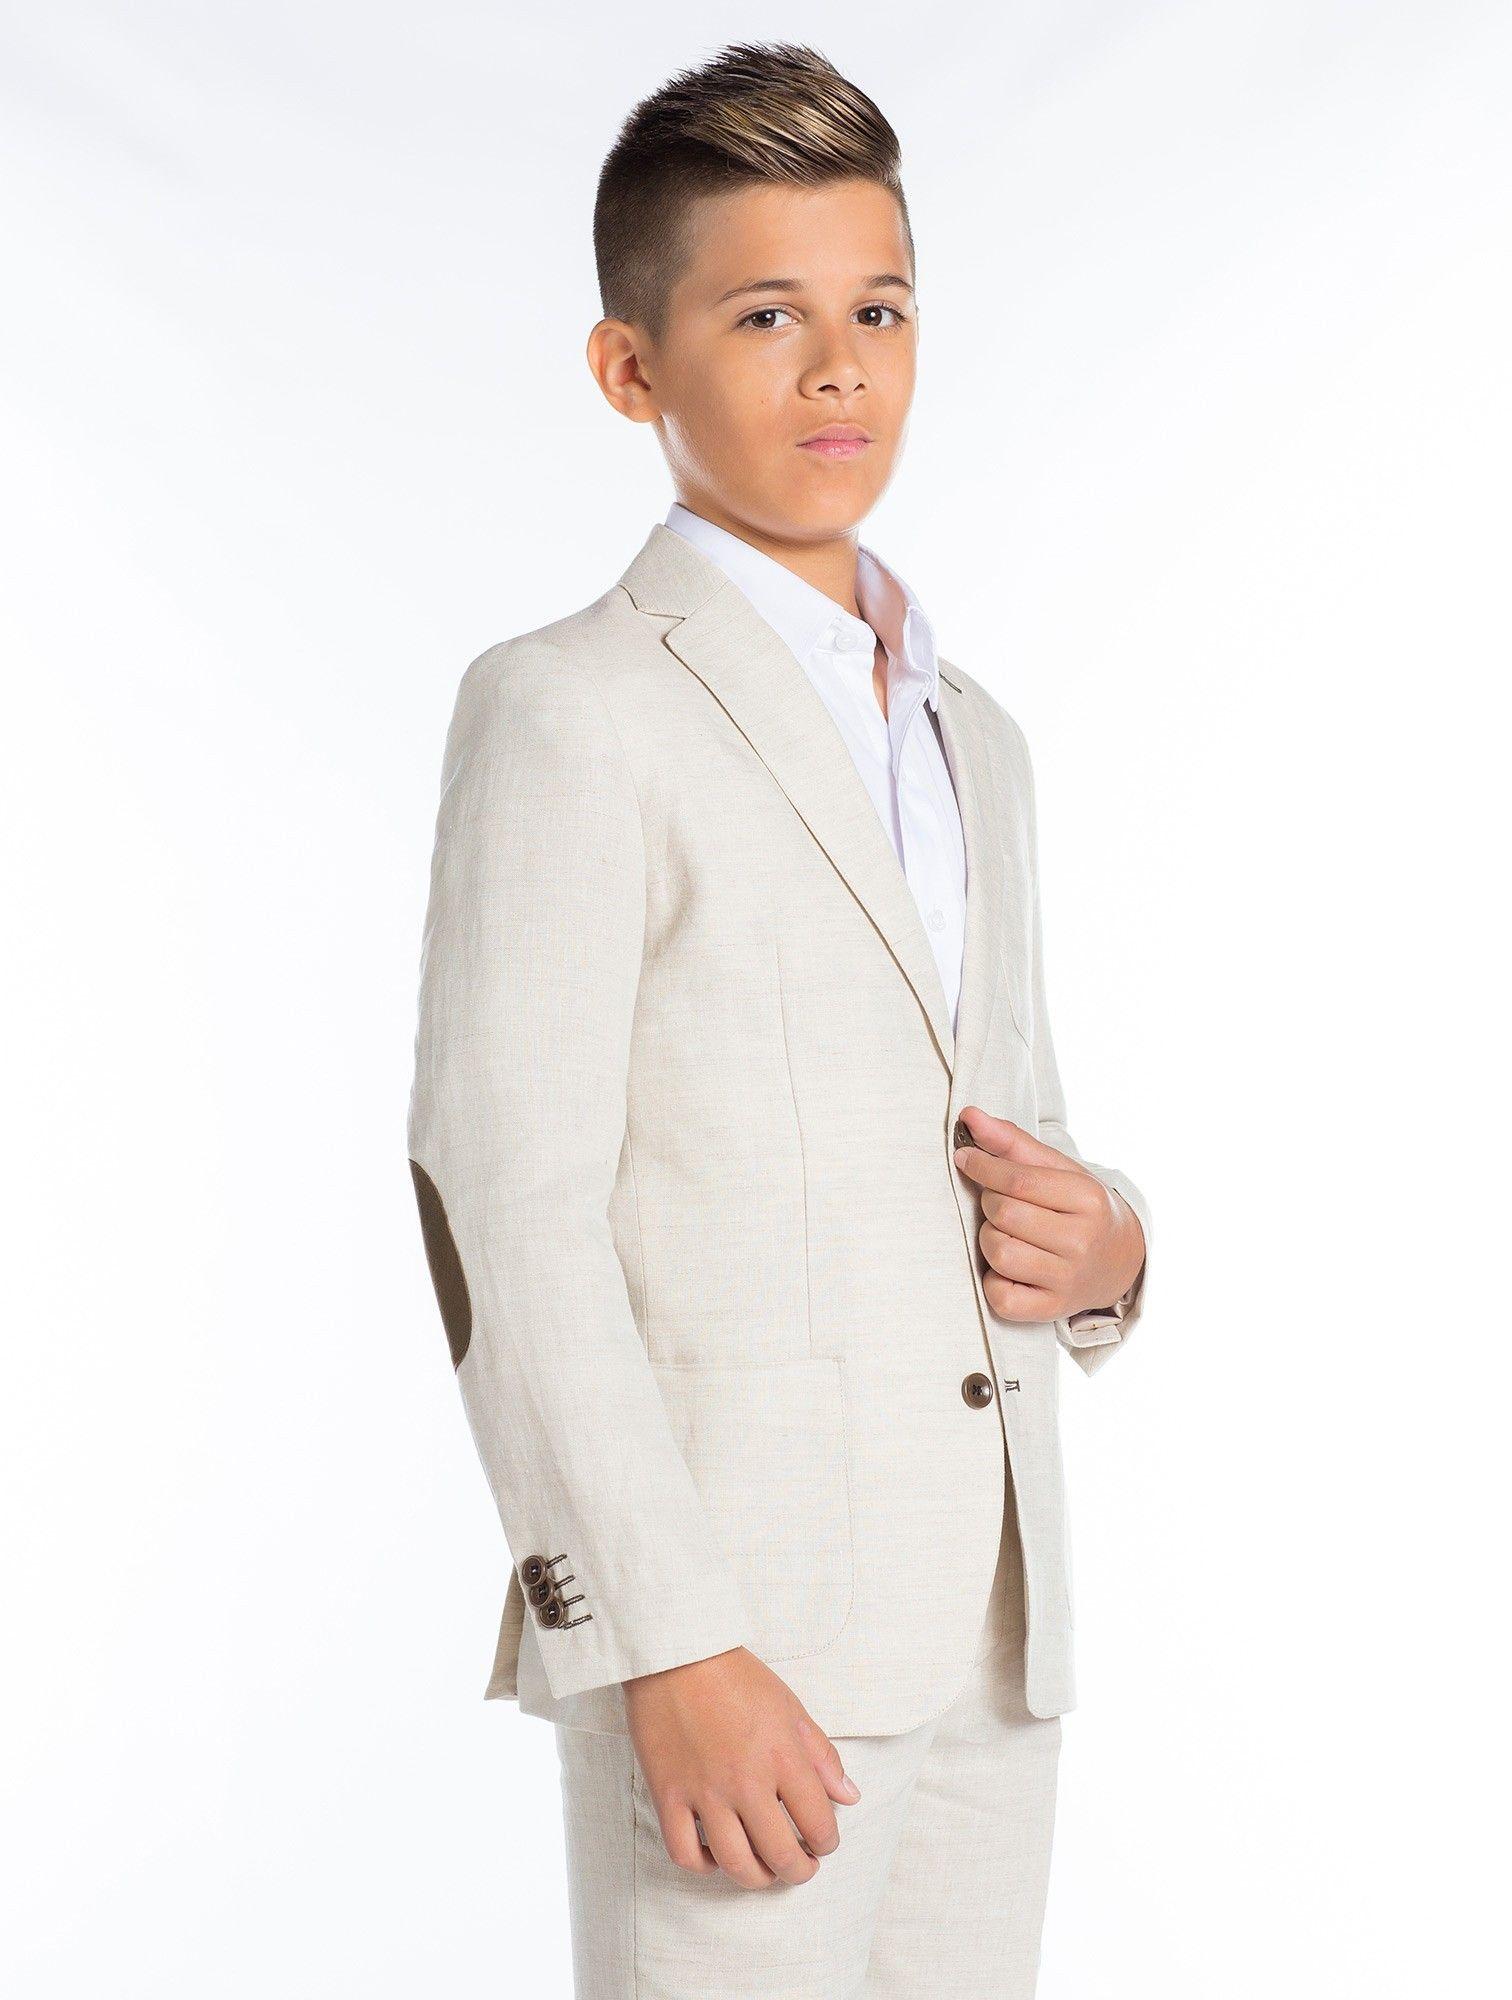 Wedding suit | Boys Boys | Pinterest